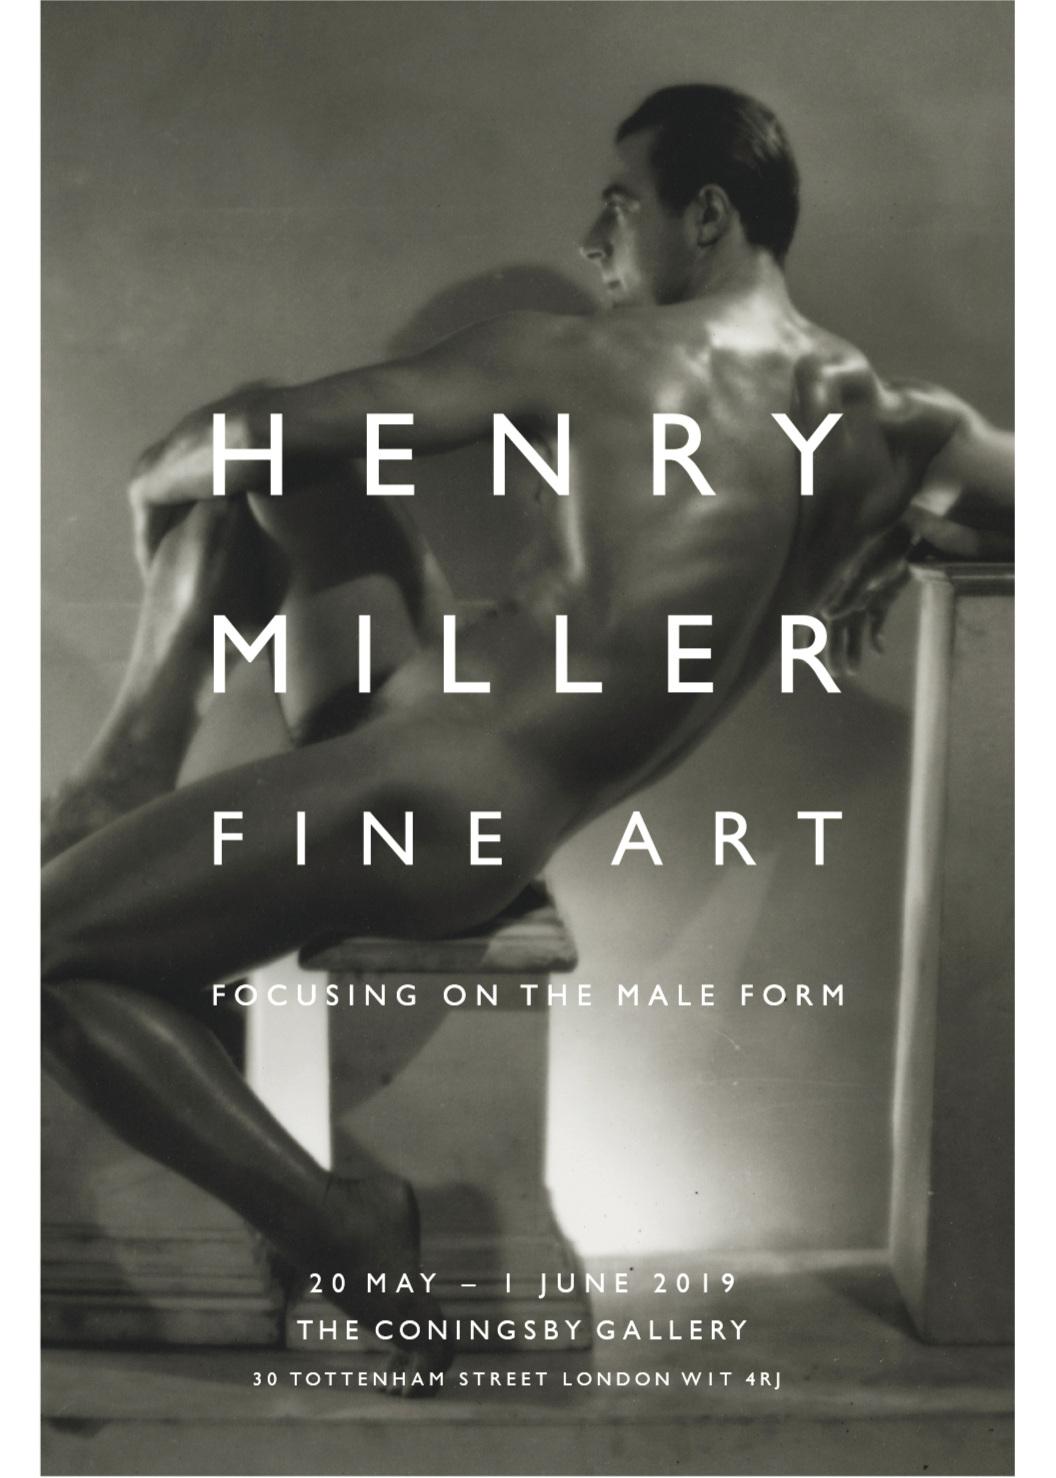 Henry_Miller_Fine_Art_boyz_Advert+2019+A4-01.jpg